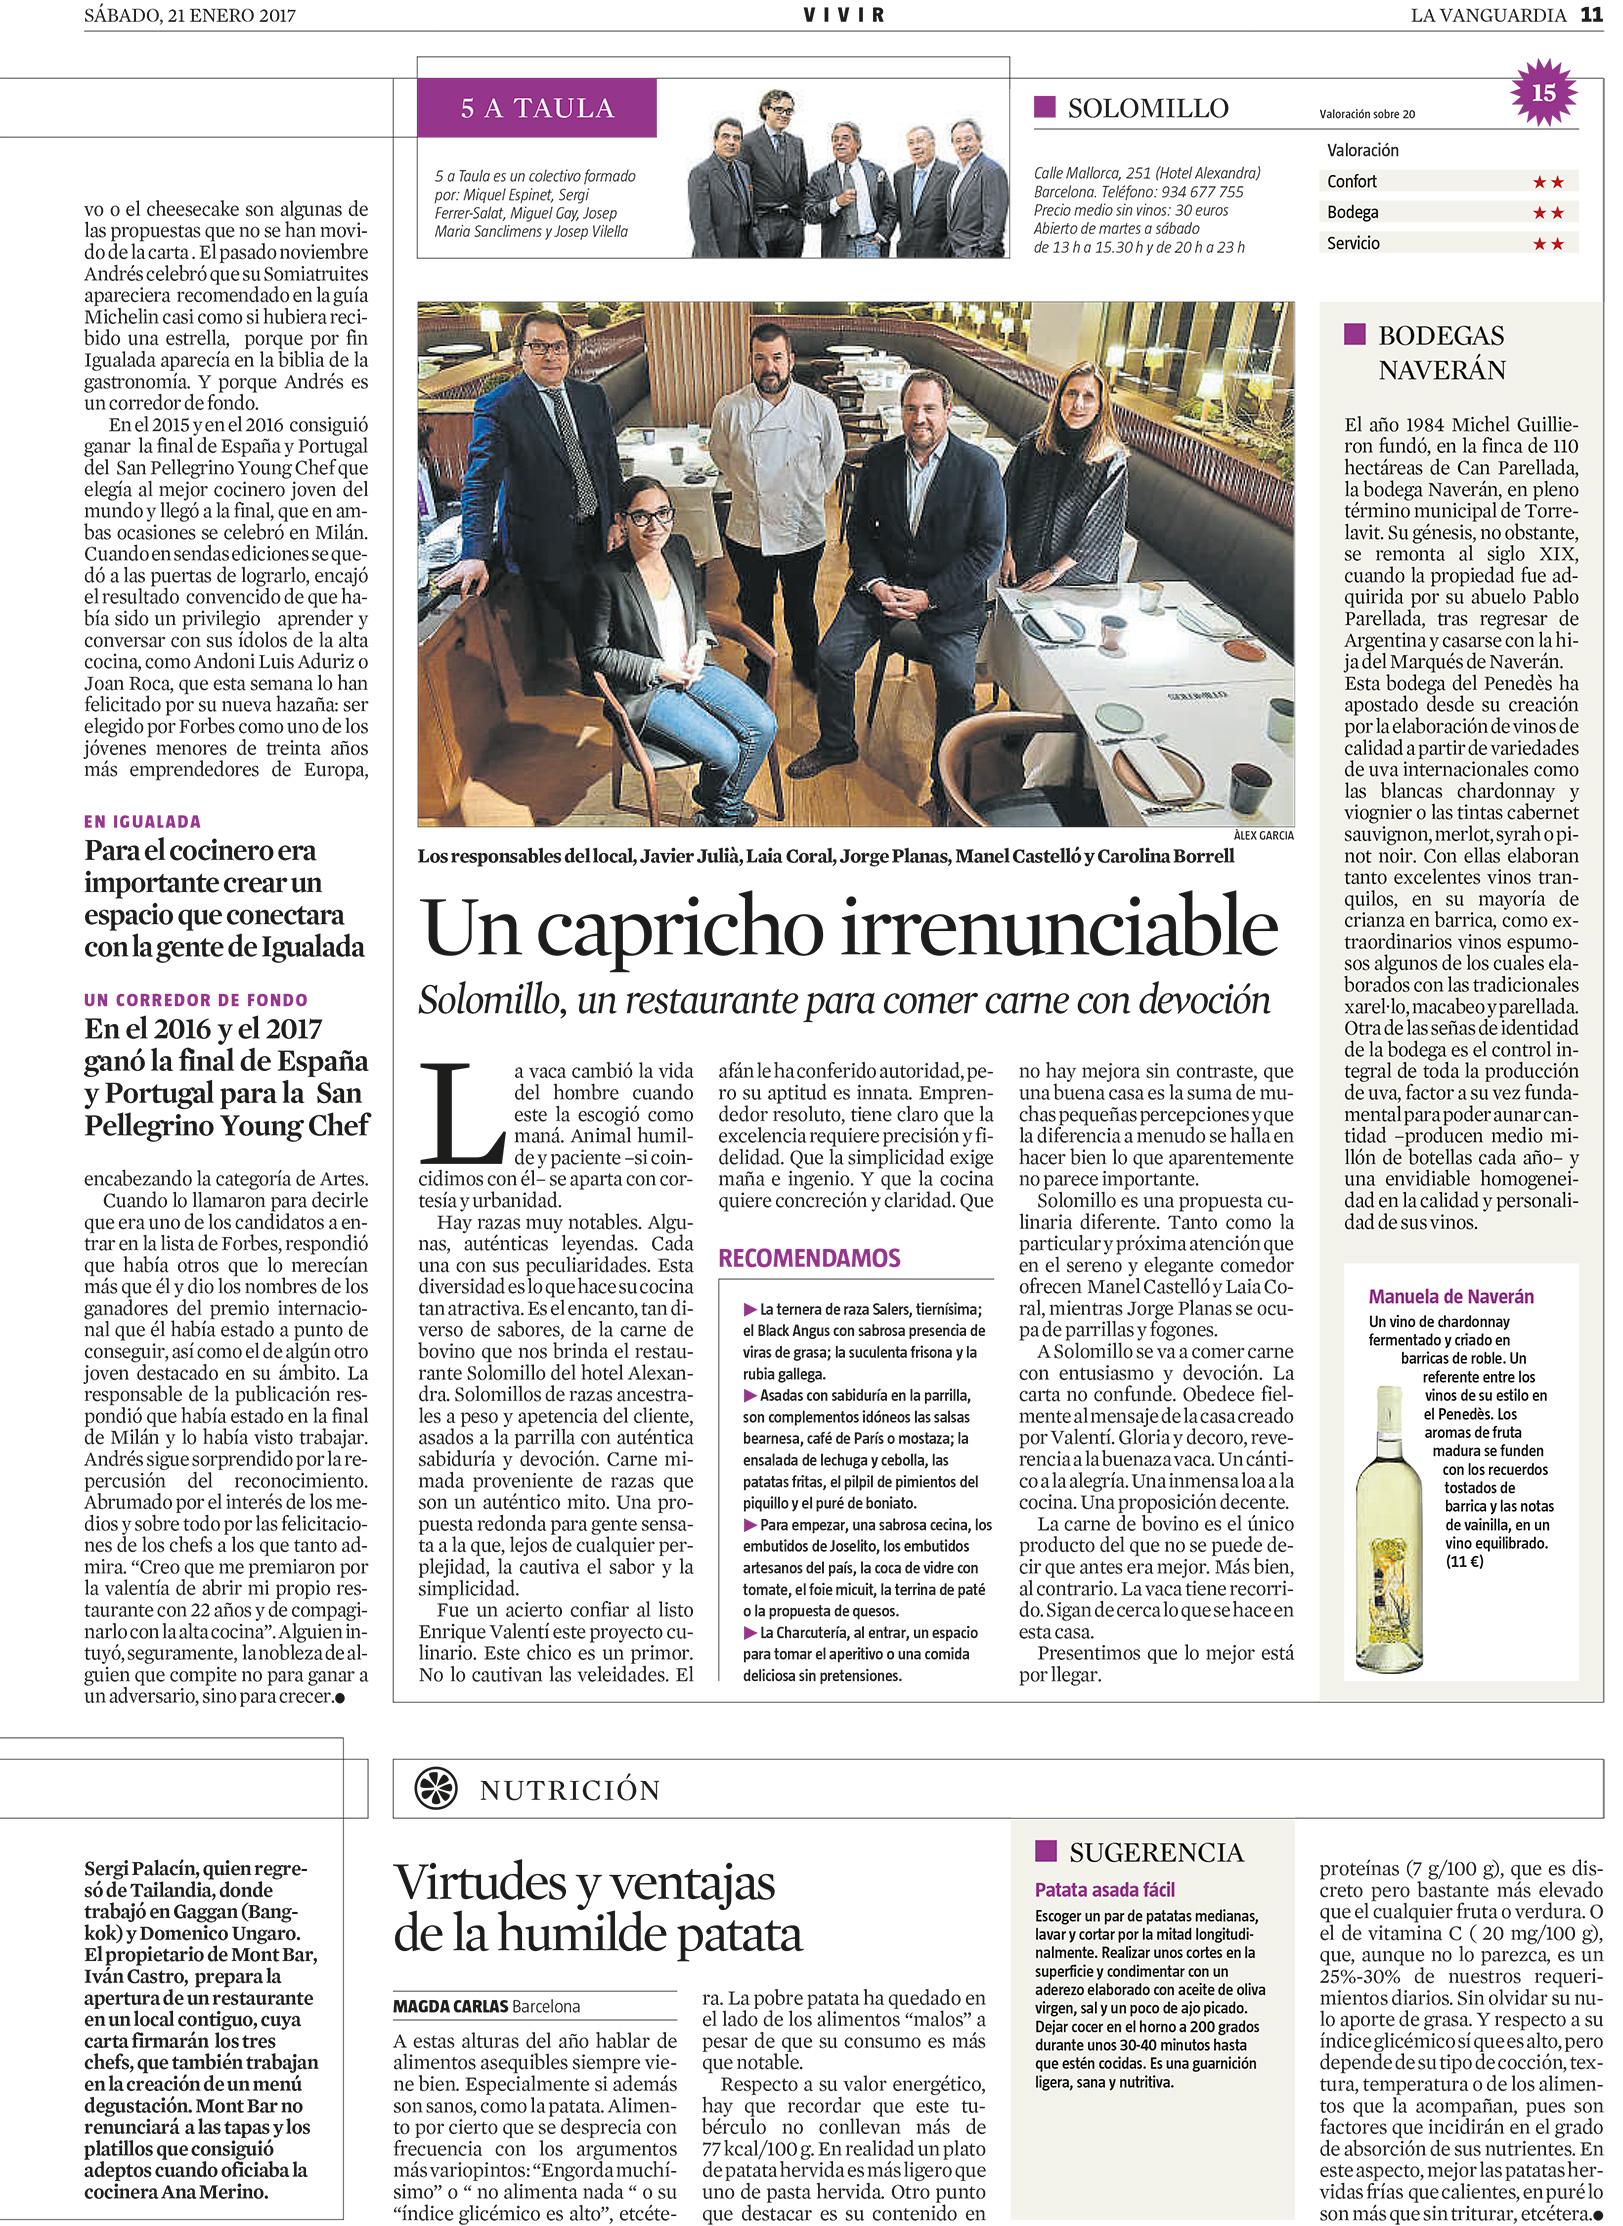 Aparición en La Vanguardia